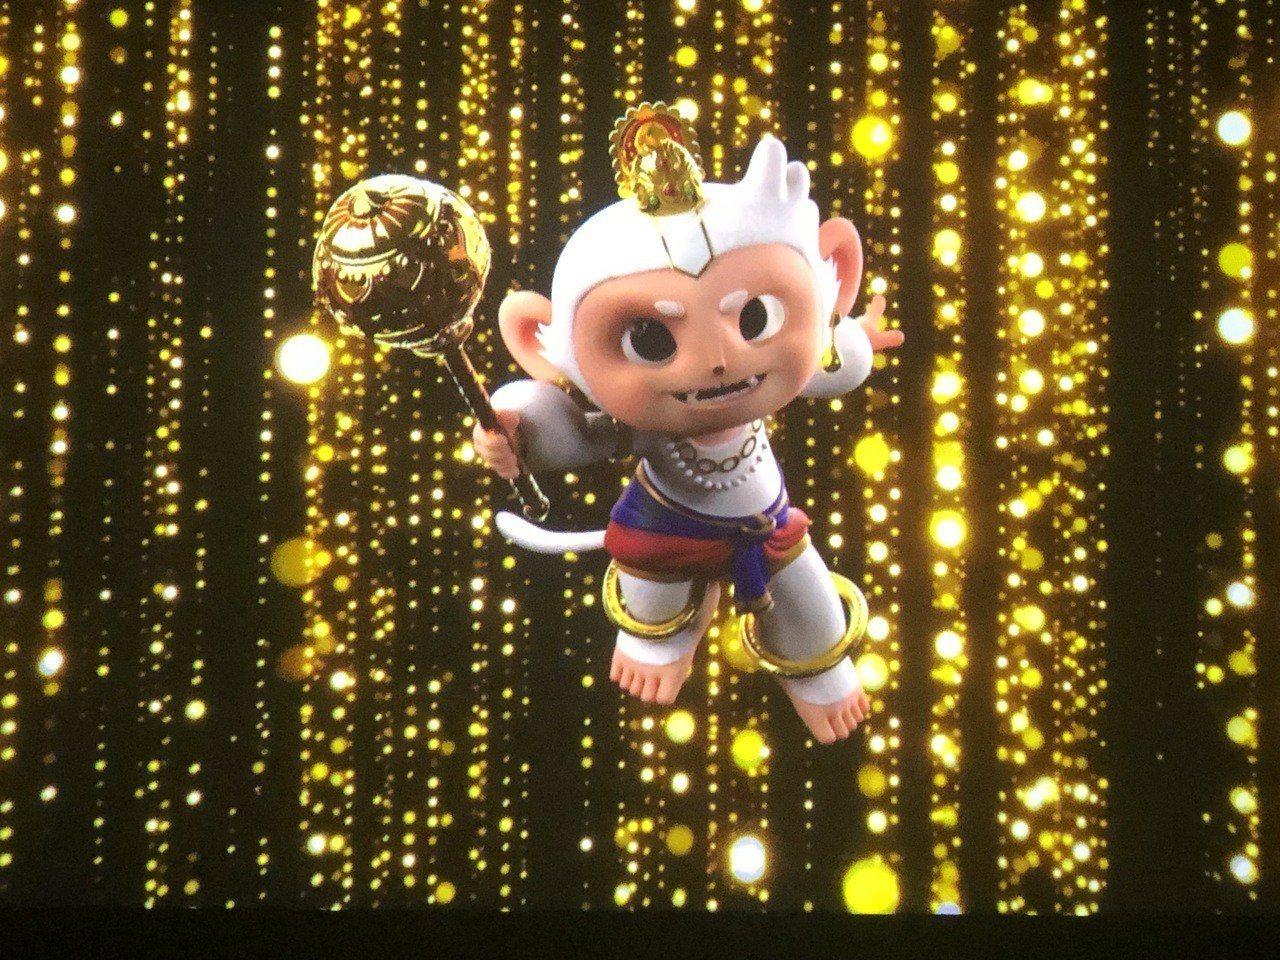 故宮南院亞洲劇場全新拍攝「羅摩衍那」3D動畫影片首映。記者魯永明/攝影